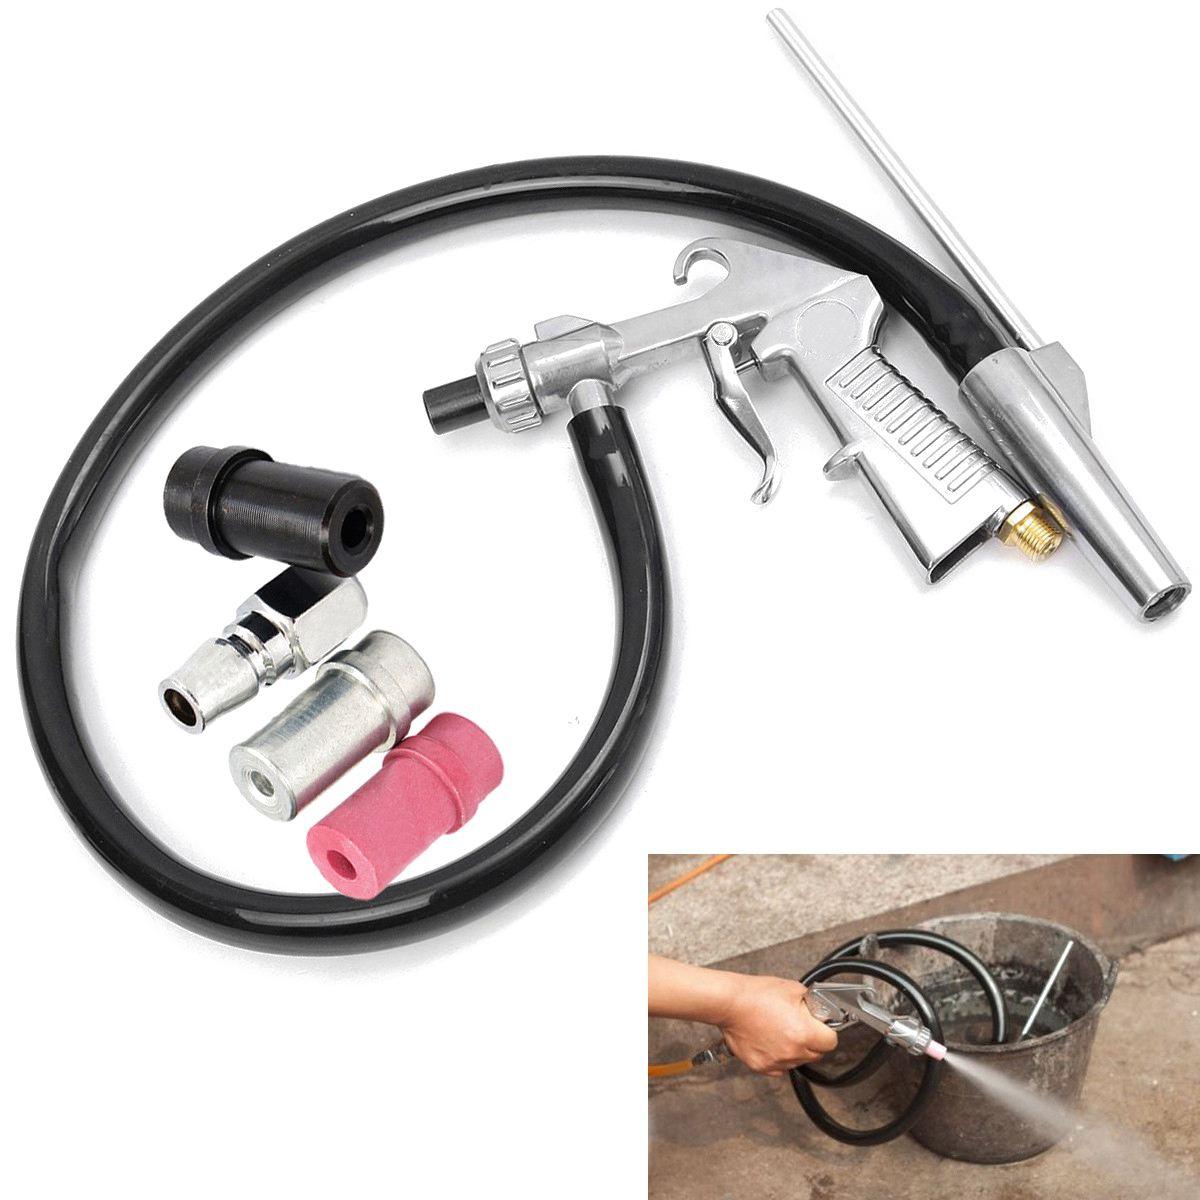 HLZS-Air Sandblaster Sandblasting Blast Gun+Nozzles+Connector+Tube Derusting Tool Kit